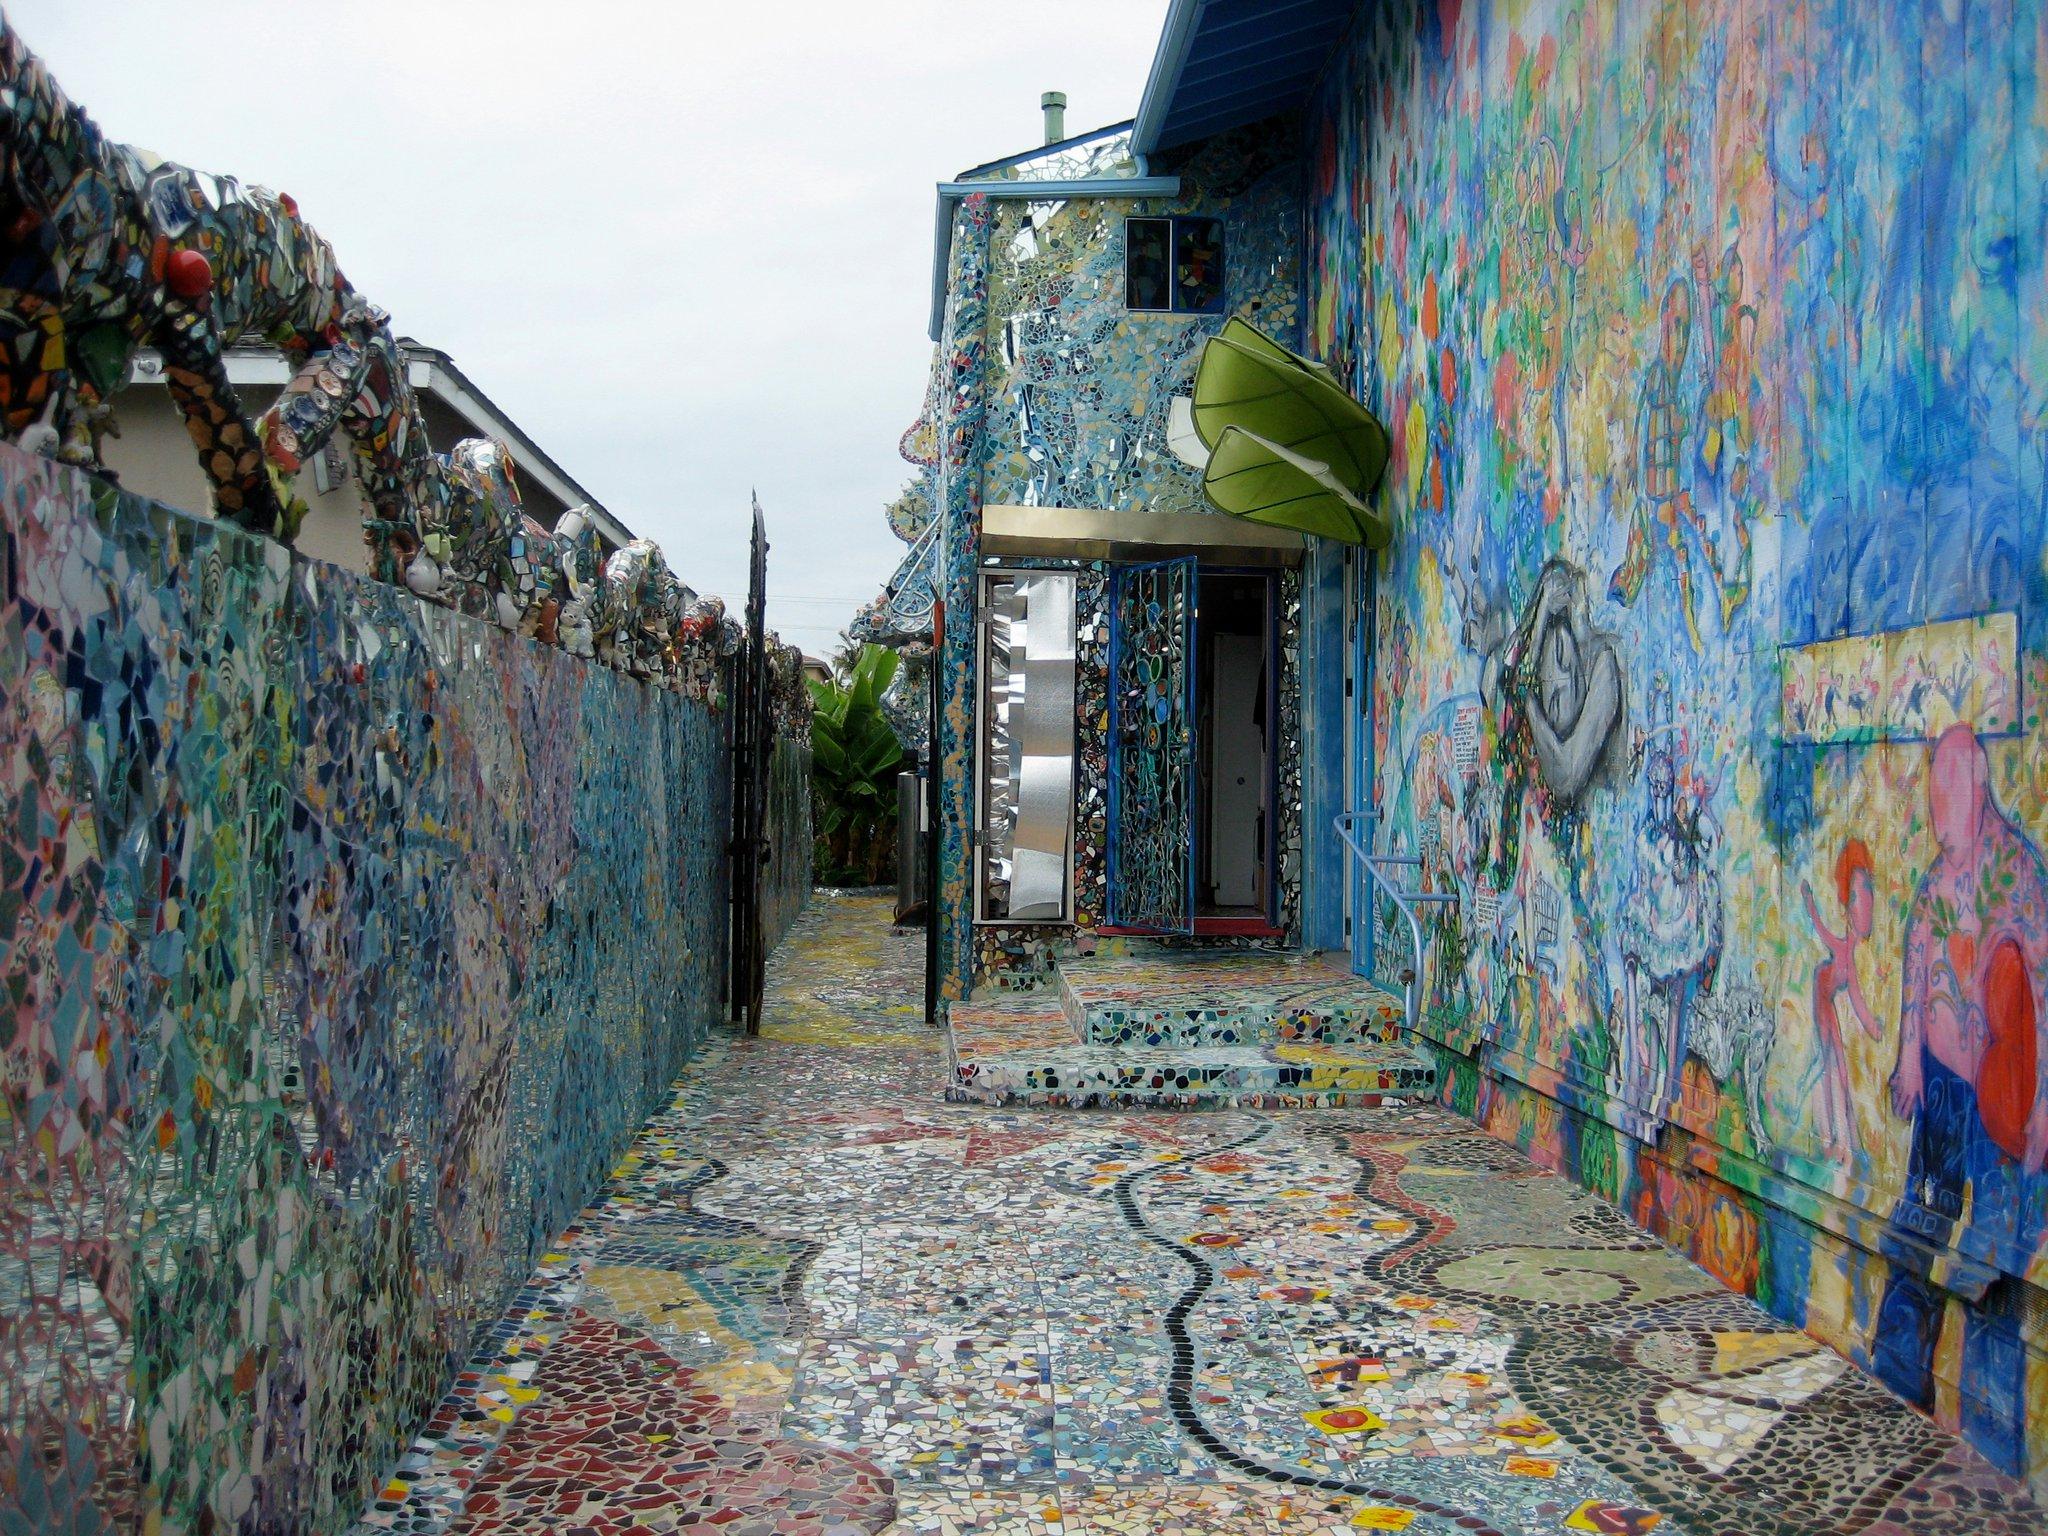 venice beach the mosaic tile house